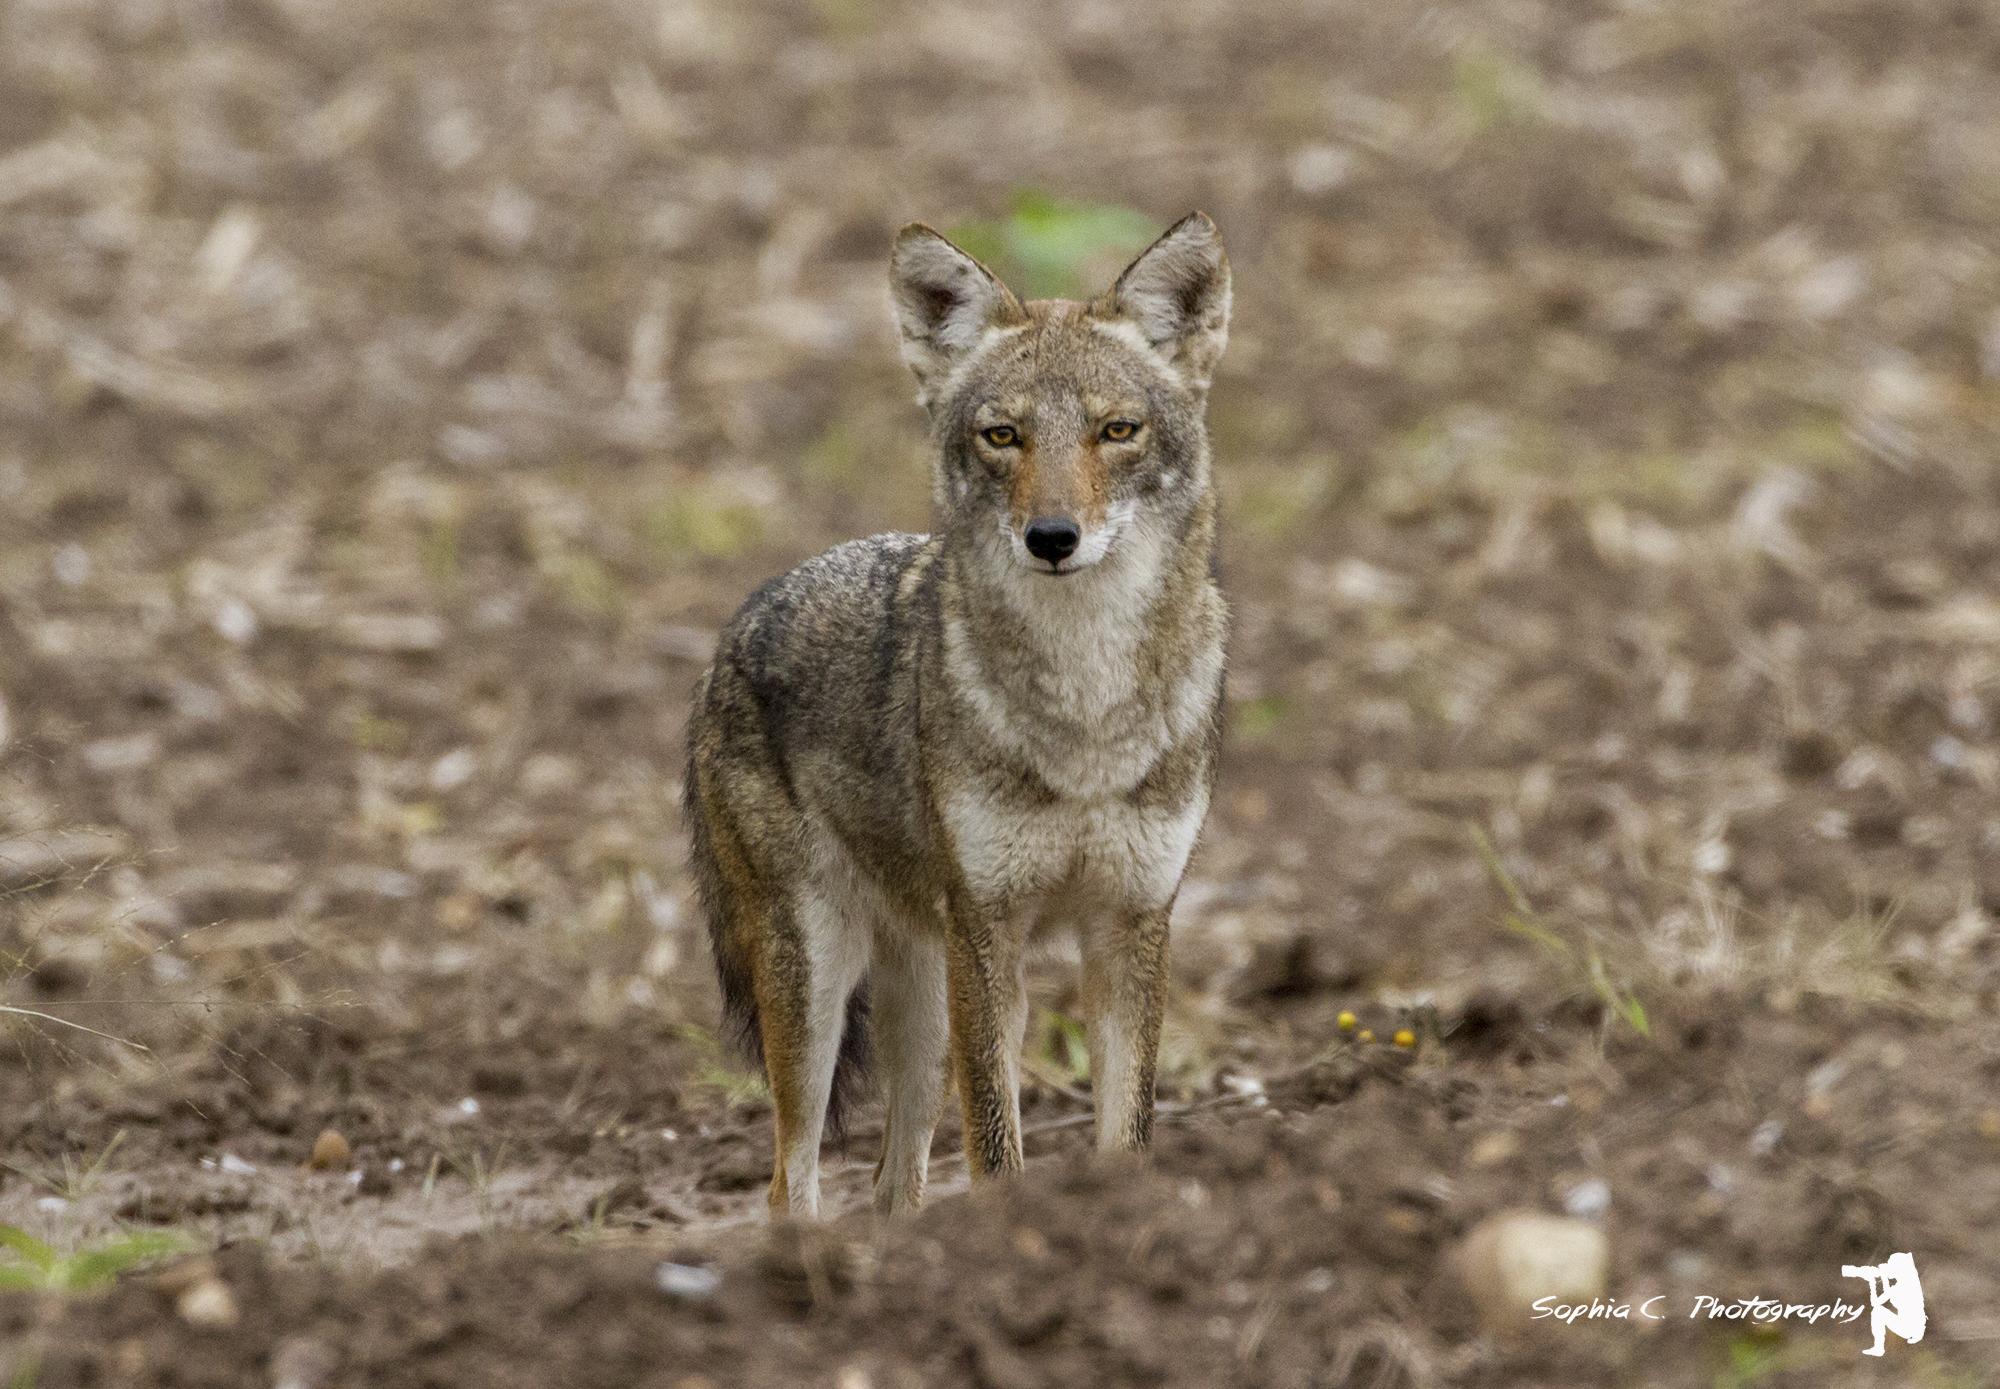 6. Coyote